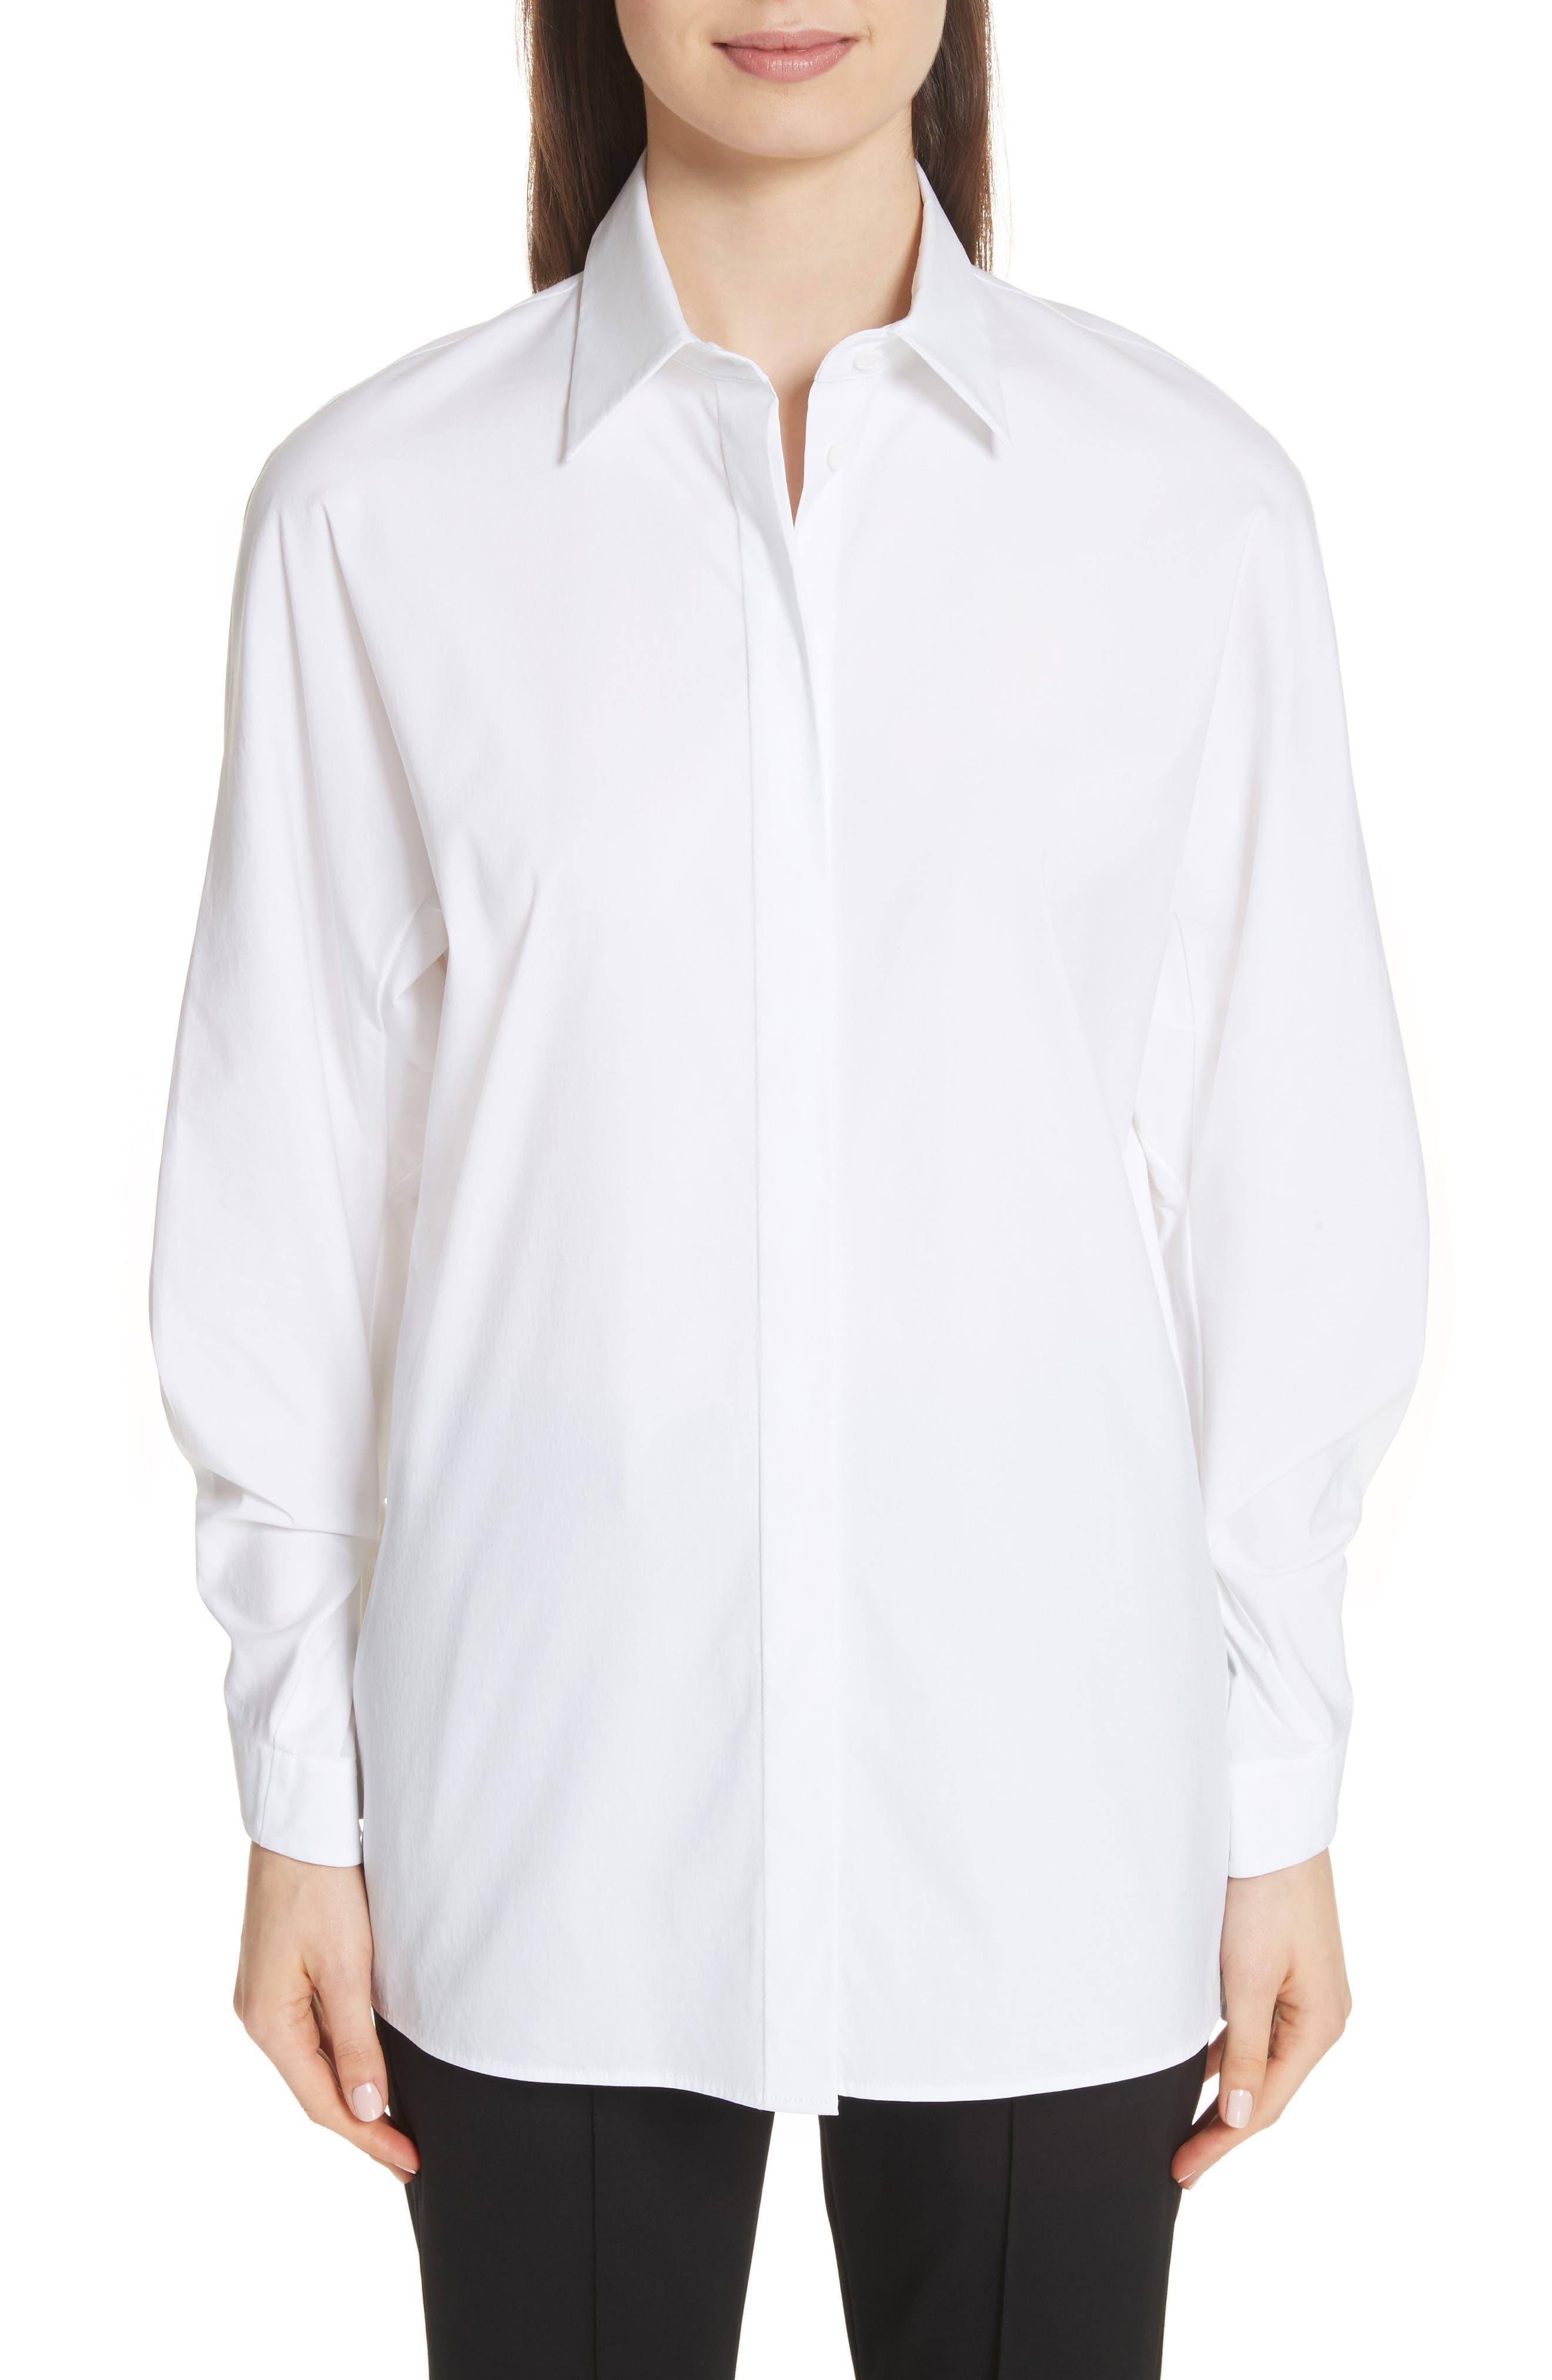 Victoria Cotton Blend Blouse,                         Main,                         color, 100